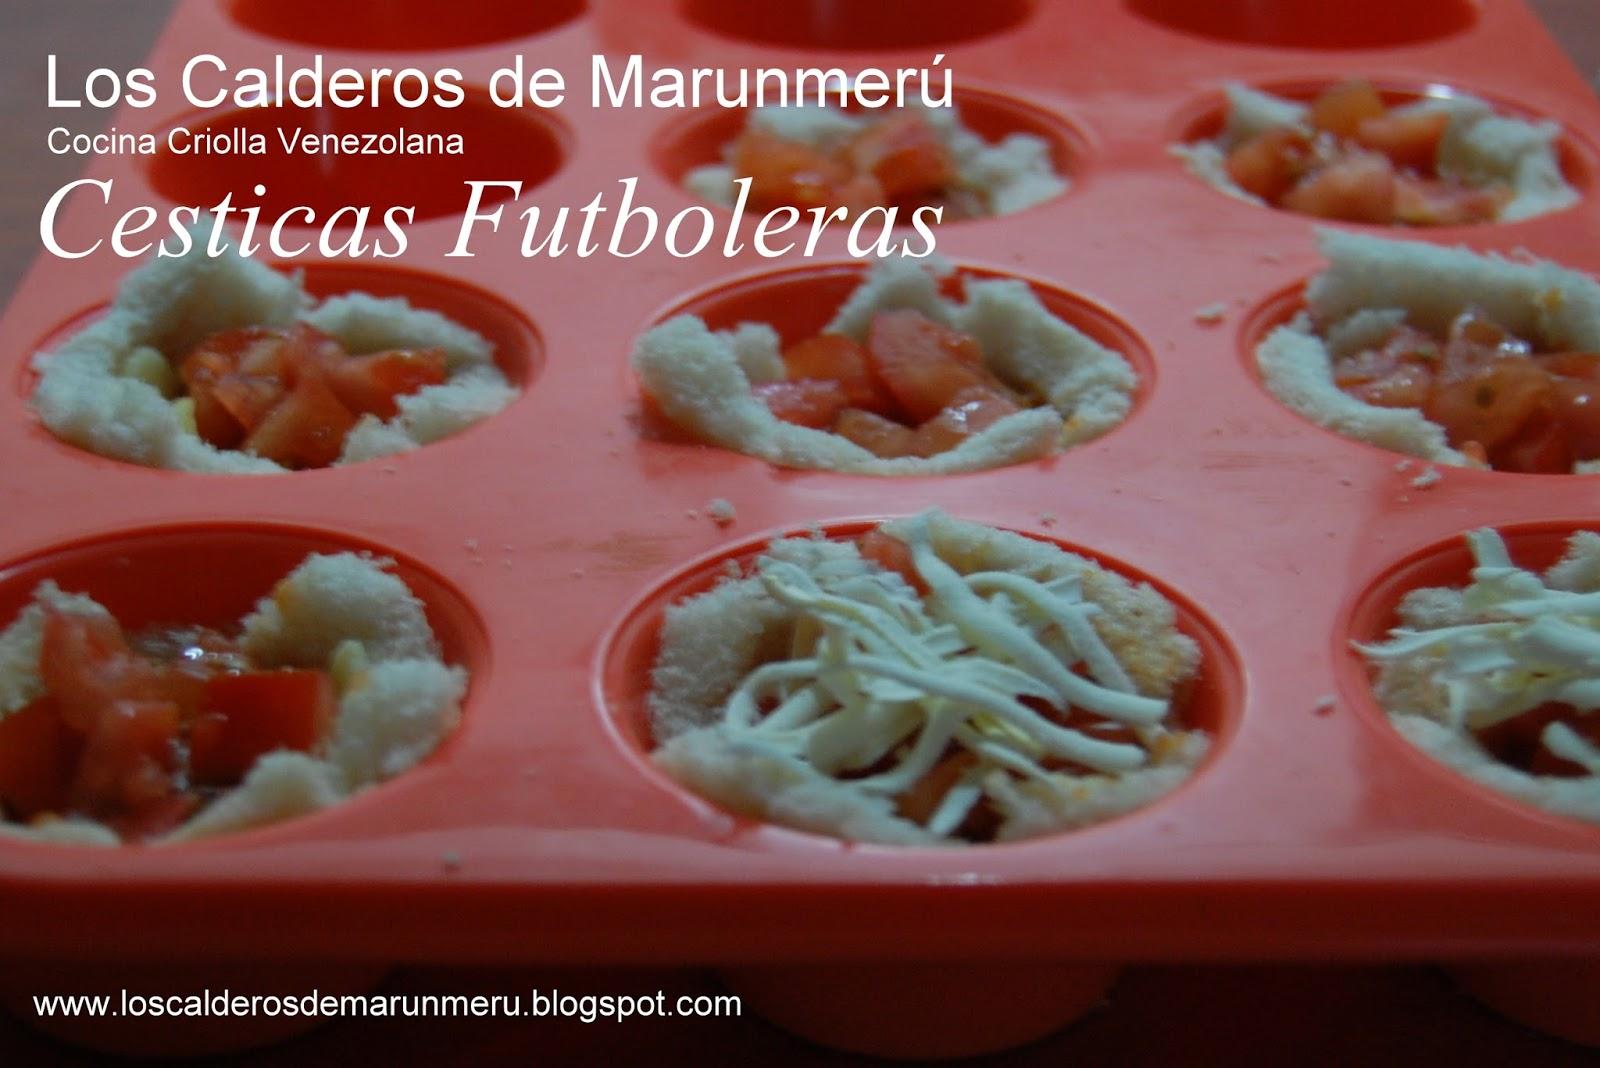 Recetas de cocina para ver el Mundial de Fútbol 2014 Calderos Marunmeru Comida venezolana